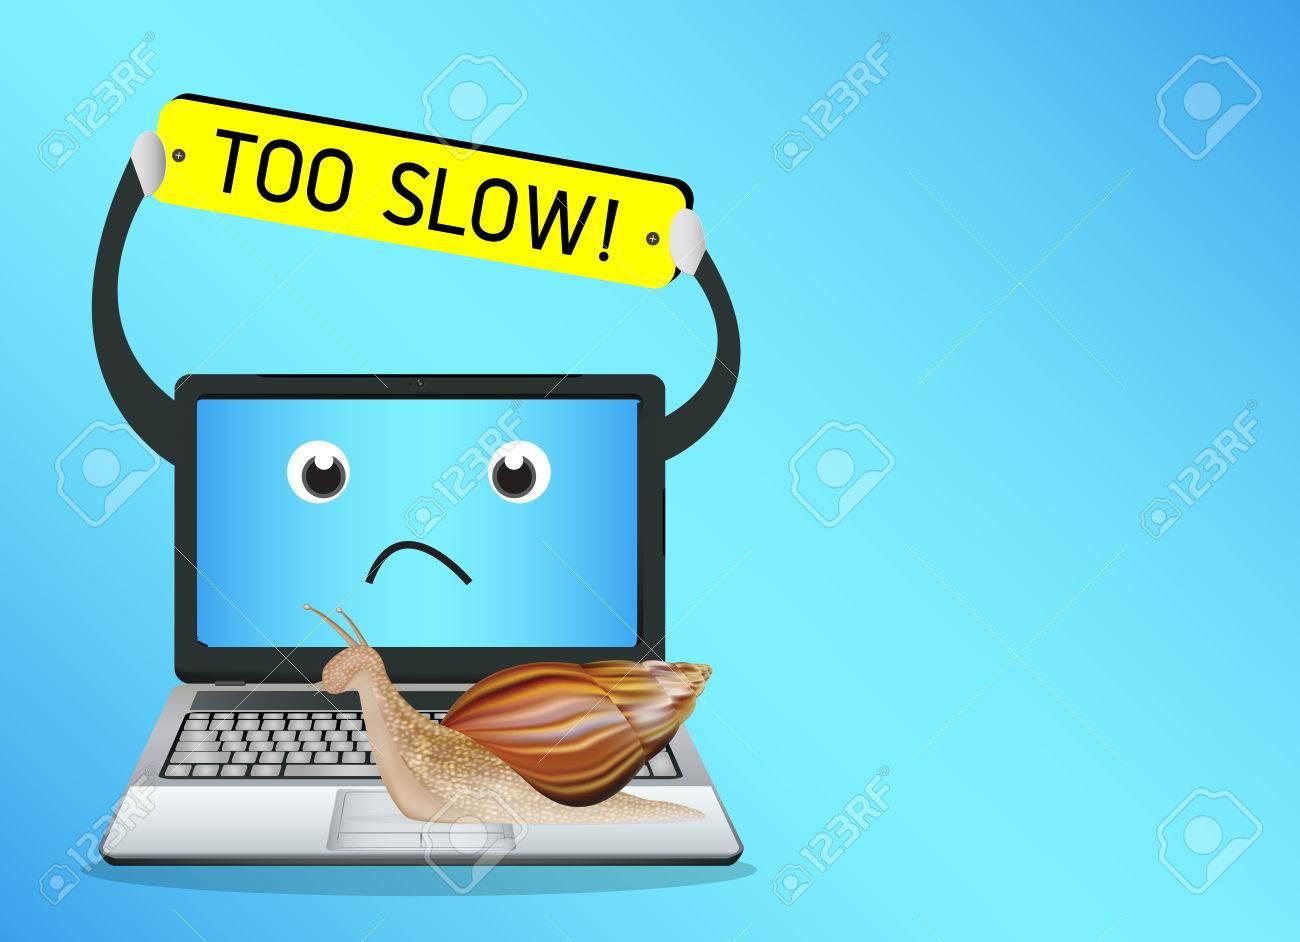 snail on a slow laptop - 61951776